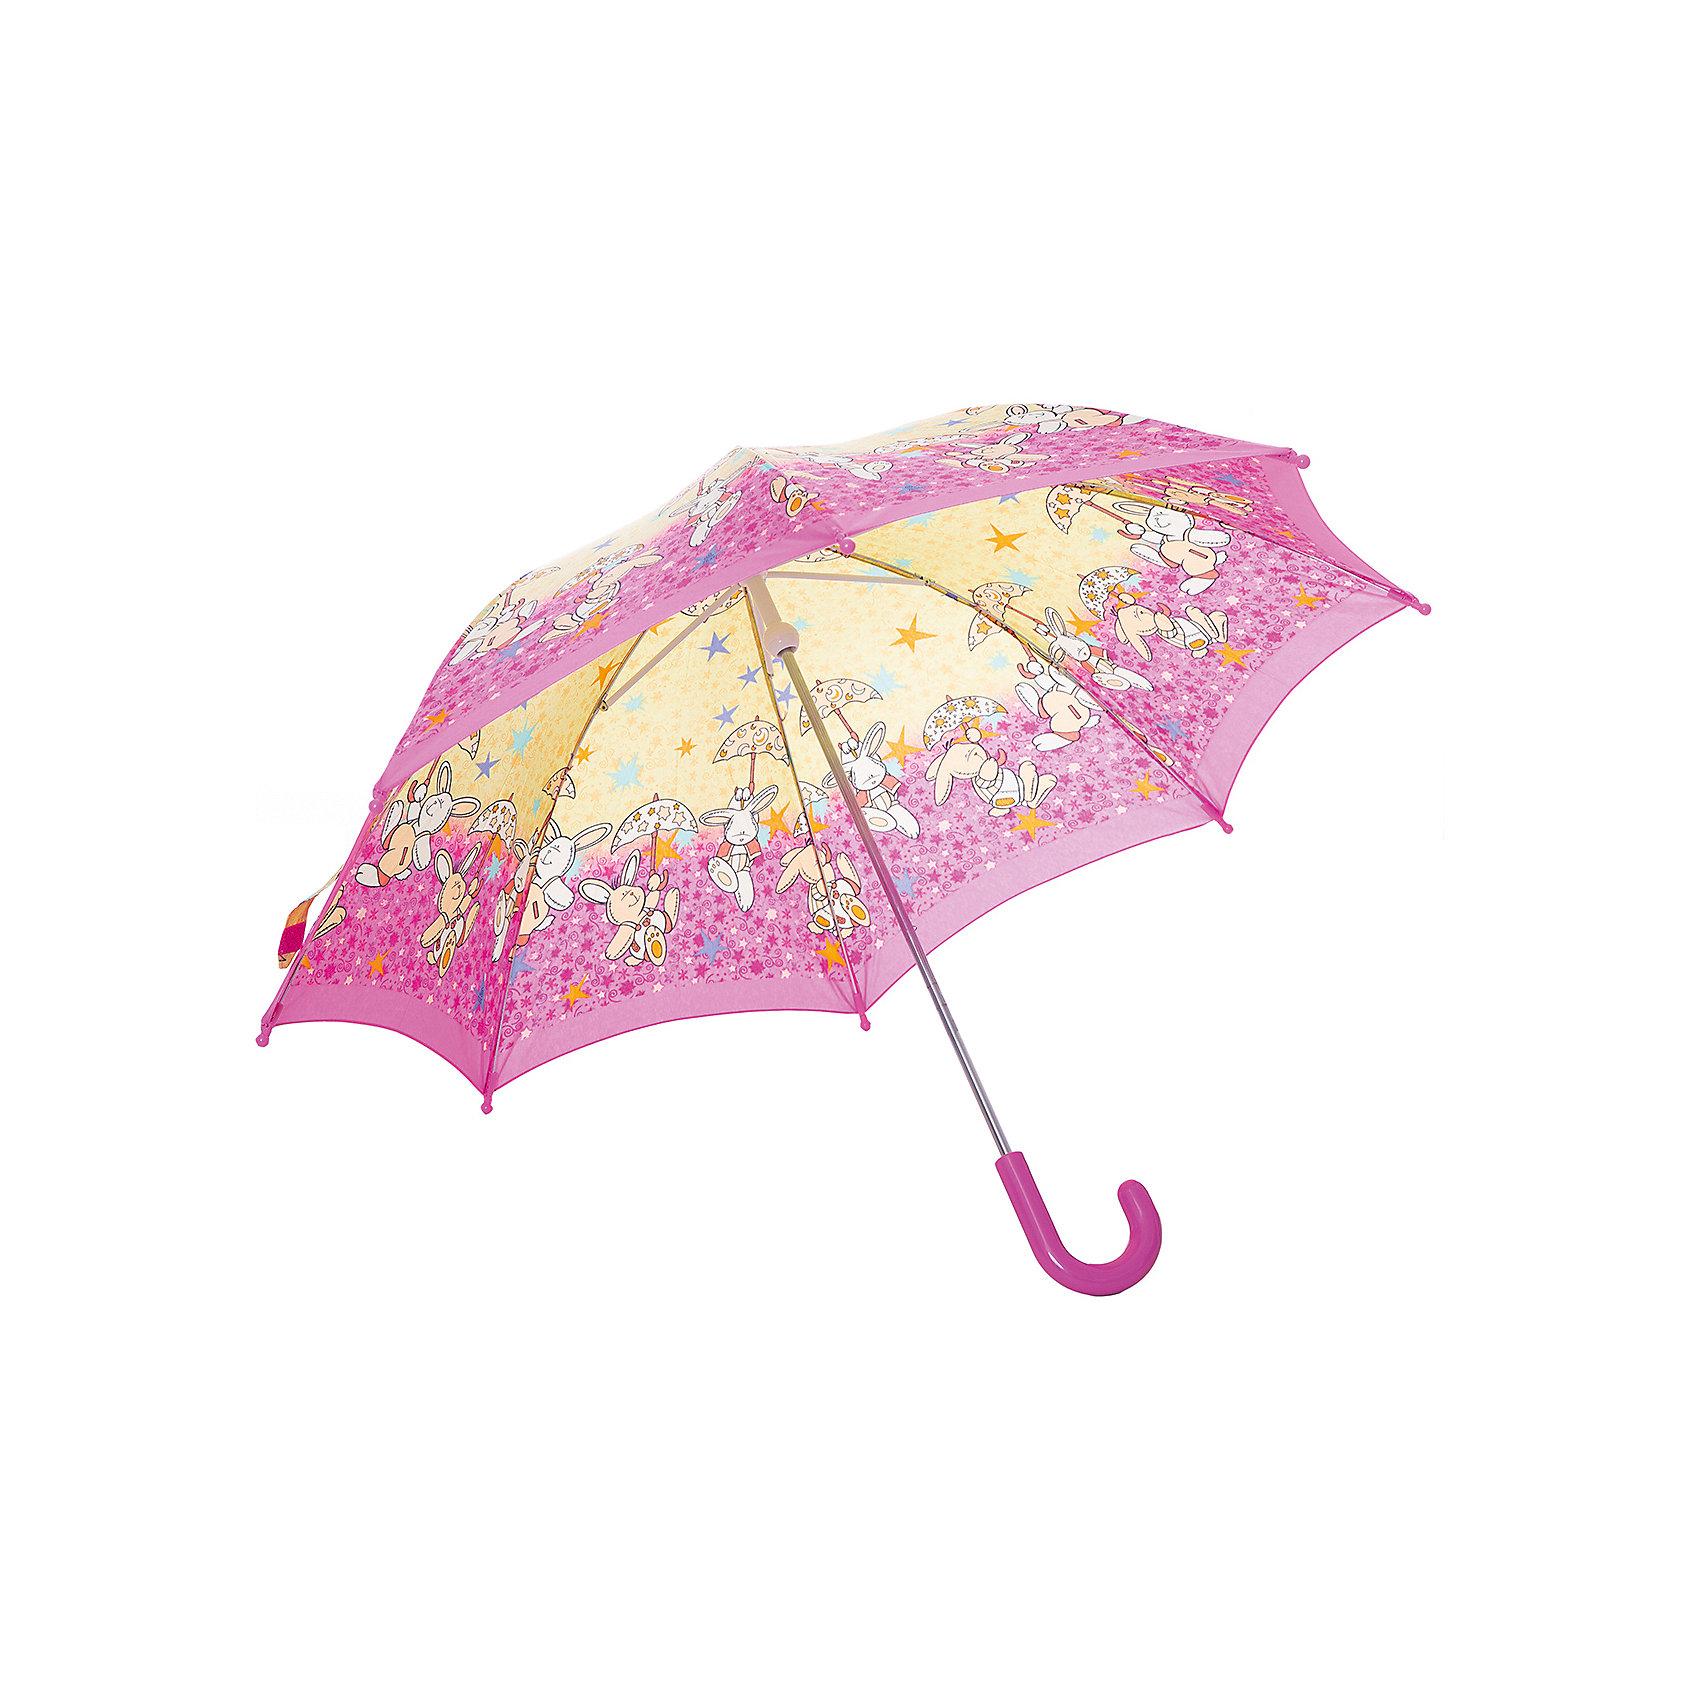 Зонт-трость, детский, рисунок КроликиКрасочный детский зонтик Zest 21551  со светодиодами (на кончиках спиц и на куполе в центре), трость, механика, 8 спиц, купол 78 см, материал купола полиэстер, ручка зонта из пластика, материал каркаса - сталь. Концы спиц зонтика прикрыты специальными колпачками-лампочками. ВЕТРОУСТОЙЧИВАЯ КОНСТРУКЦИЯ. Внимание! В сильный ветер не эксплуатировать! Зонт может сломаться. Гарантия 6 месяцев, срок службы 5 лет. Необходимы 2 батарейки типа ААА<br><br>Ширина мм: 680<br>Глубина мм: 9999<br>Высота мм: 680<br>Вес г: 310<br>Возраст от месяцев: 36<br>Возраст до месяцев: 2147483647<br>Пол: Унисекс<br>Возраст: Детский<br>SKU: 5511984